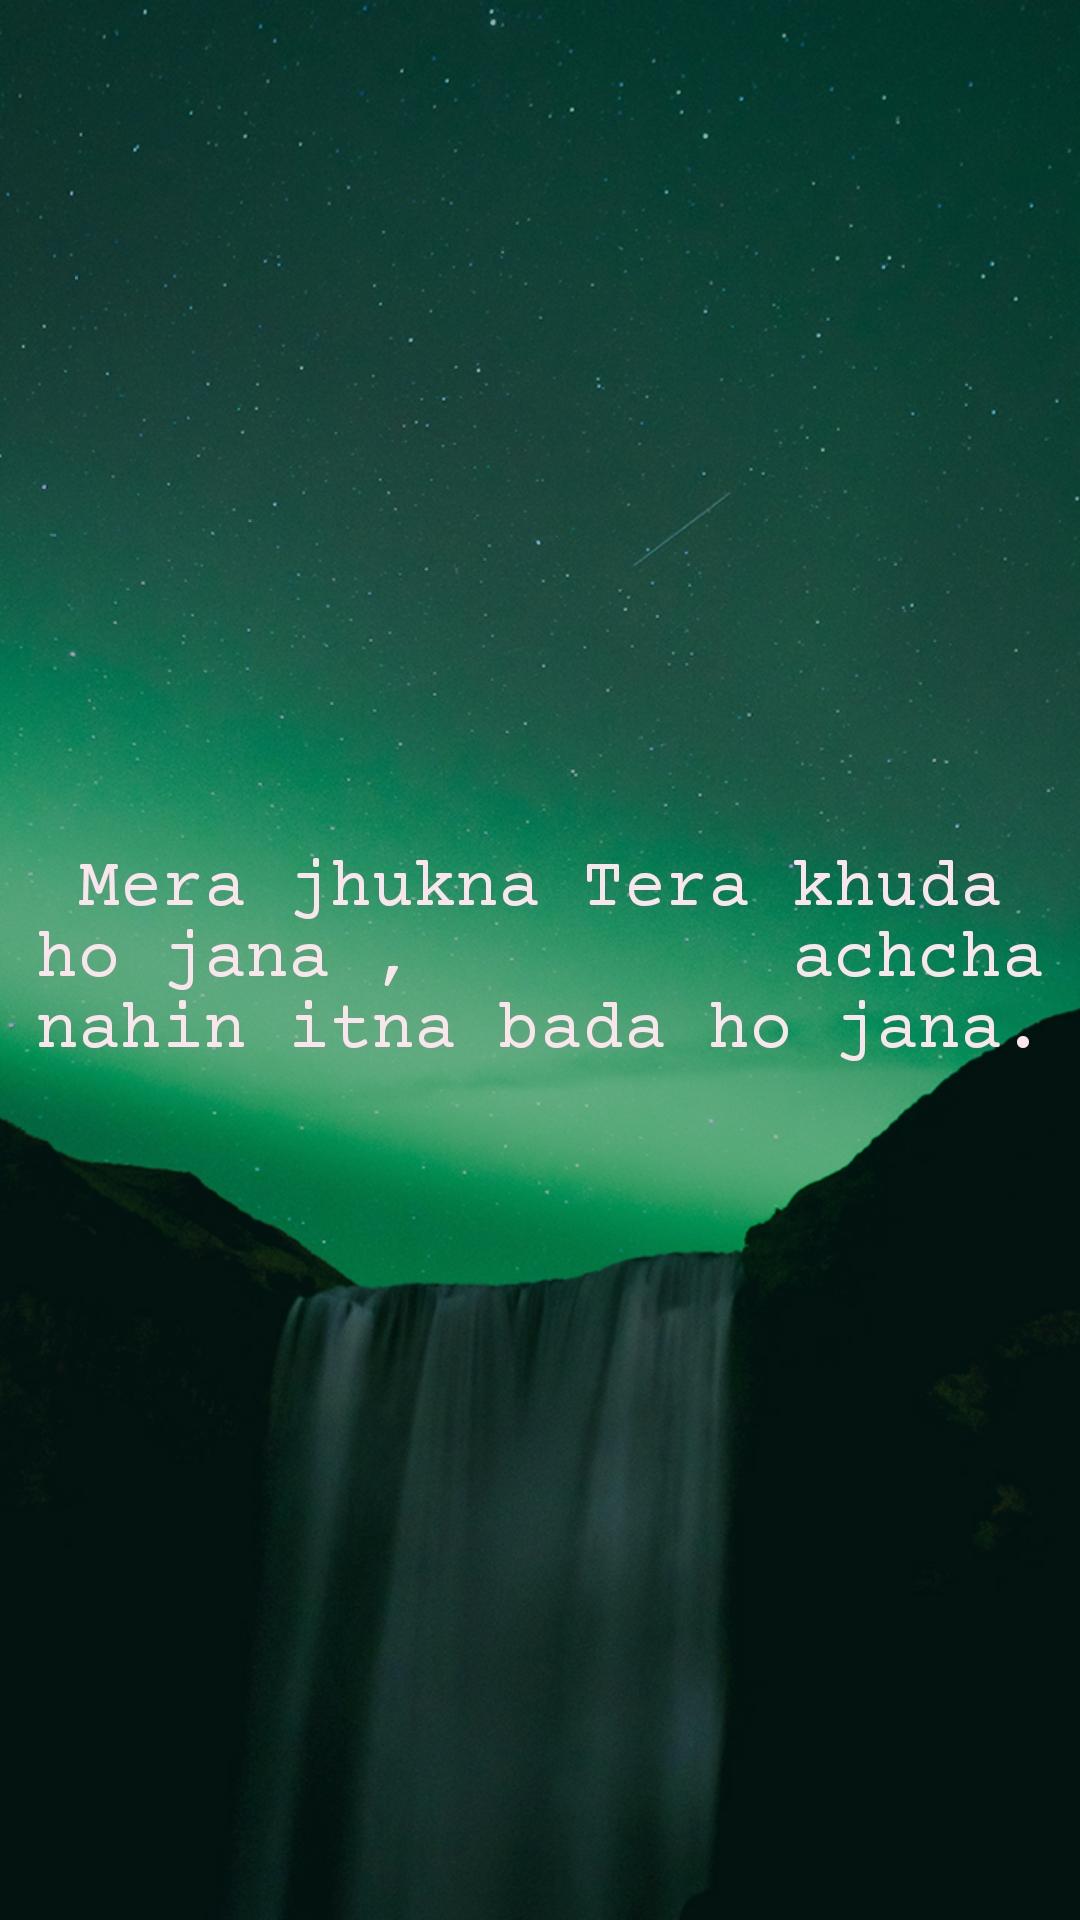 Mera jhukna Tera khuda ho jana ,         achcha nahin itna bada ho jana.